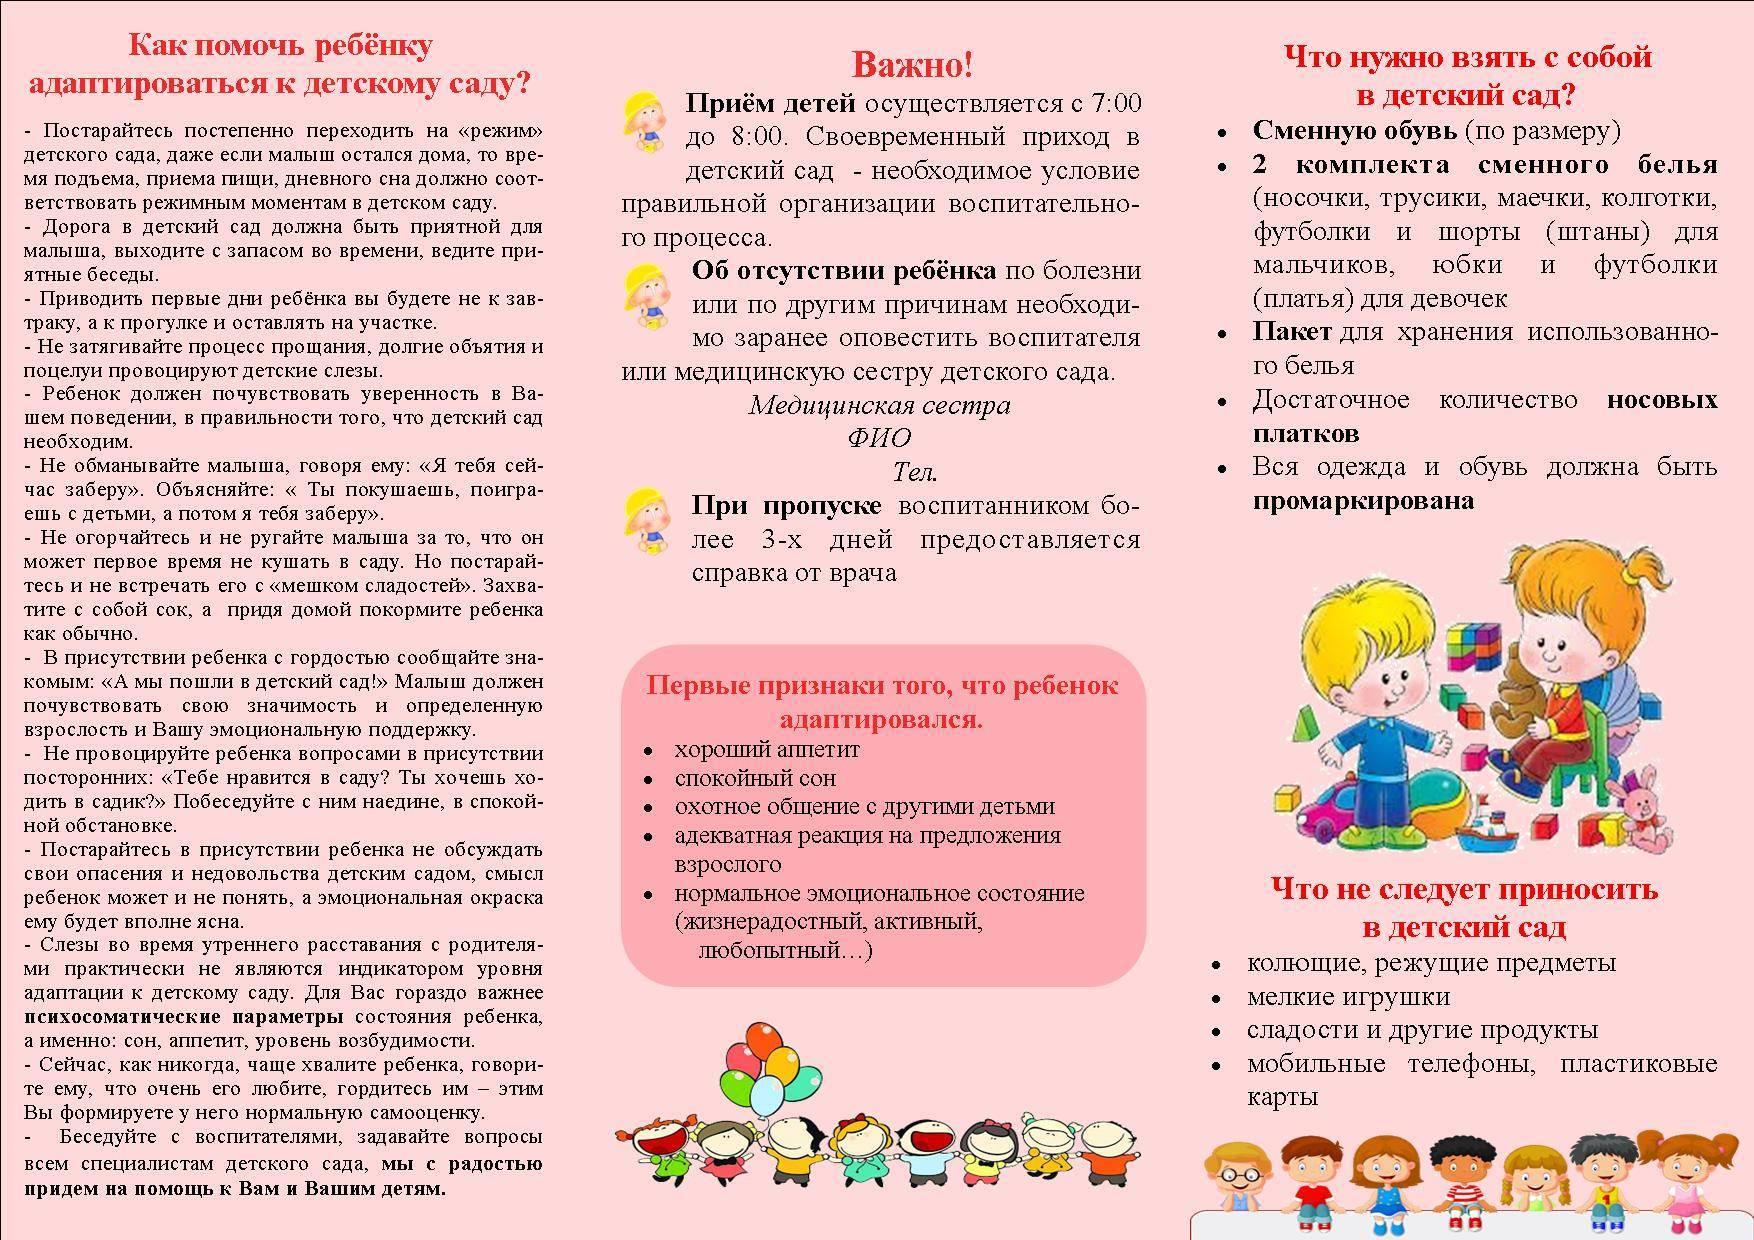 Распространенные ошибки родителей при адаптации к детскому саду